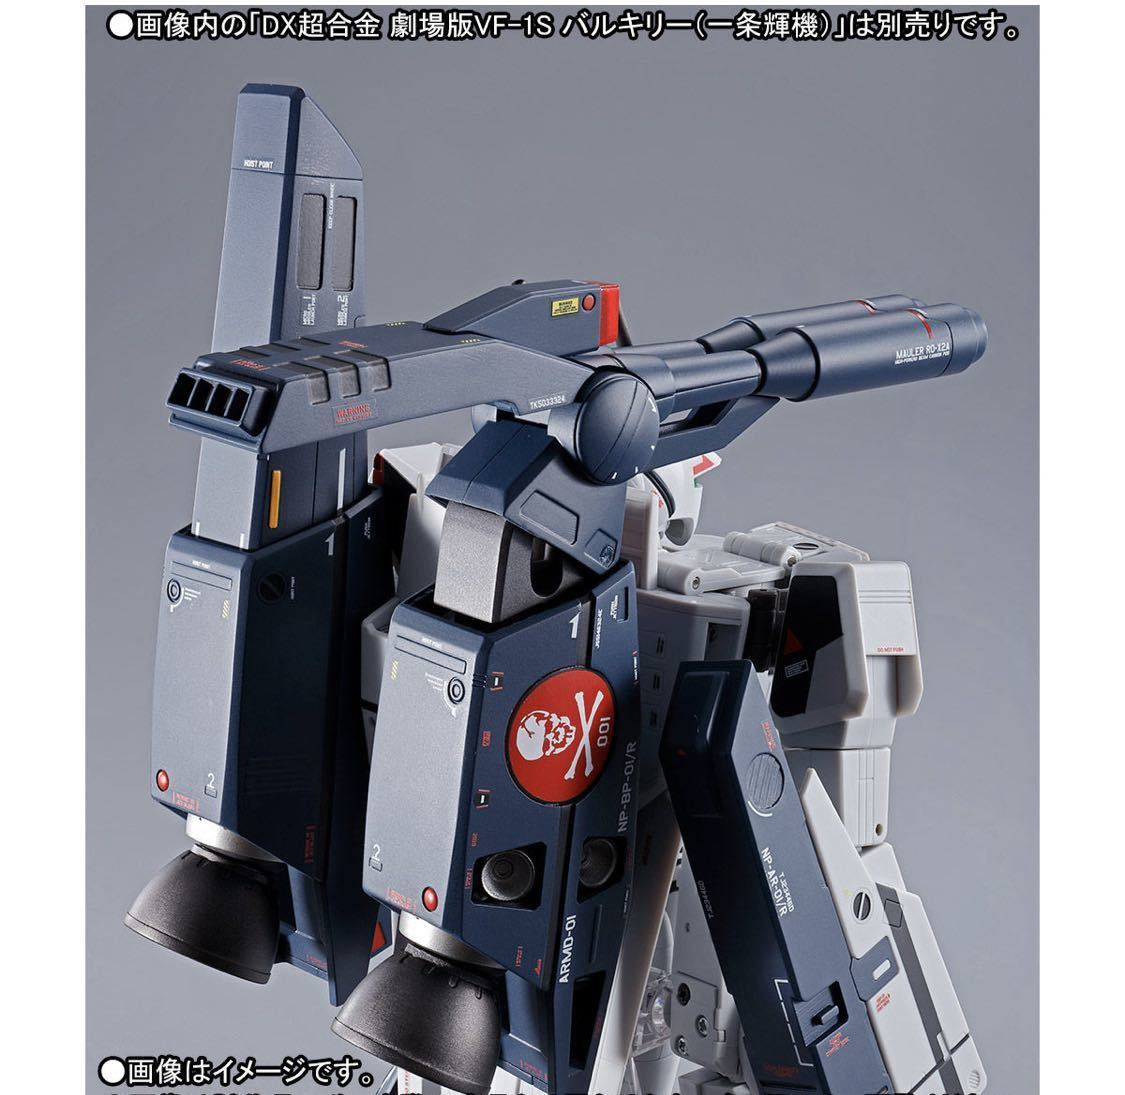 12月発送 DX超合金 劇場版VF-1対応ストライク スーパーパーツセット_画像6